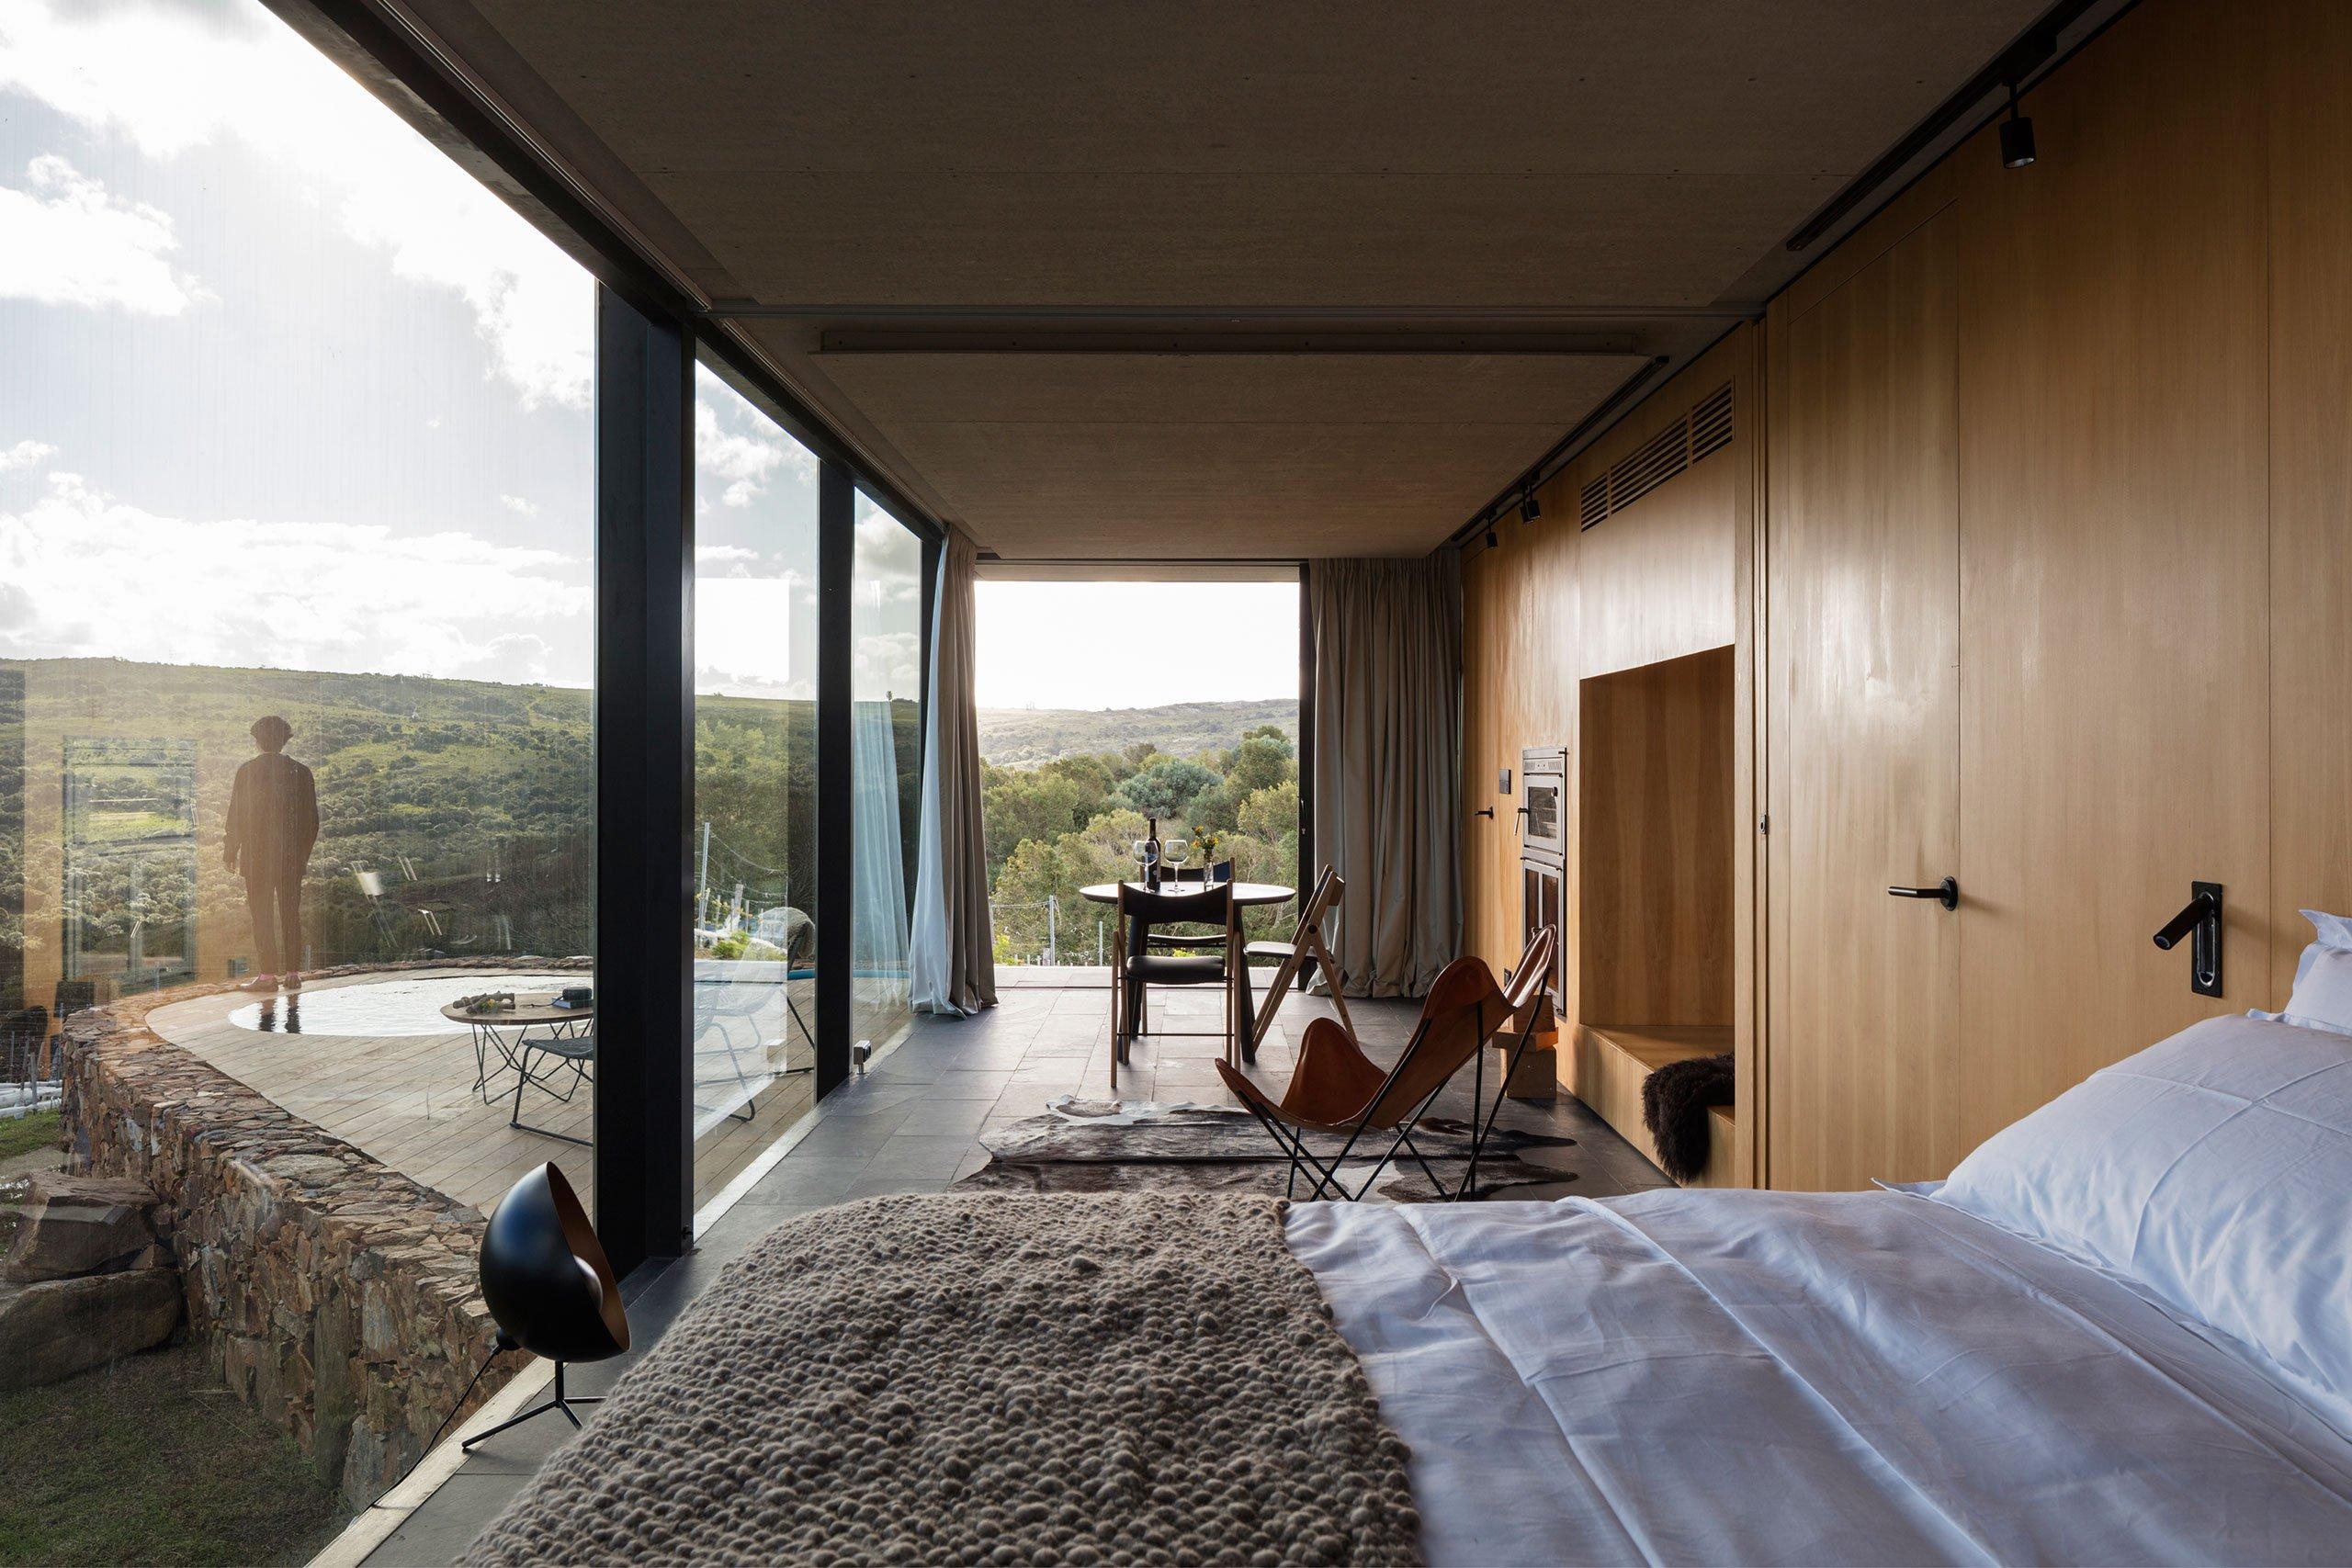 p1_sacromonte_landscape_hotel_pueblo_eden_maldonado_uruguay_mapa_arquitectos_yatzer